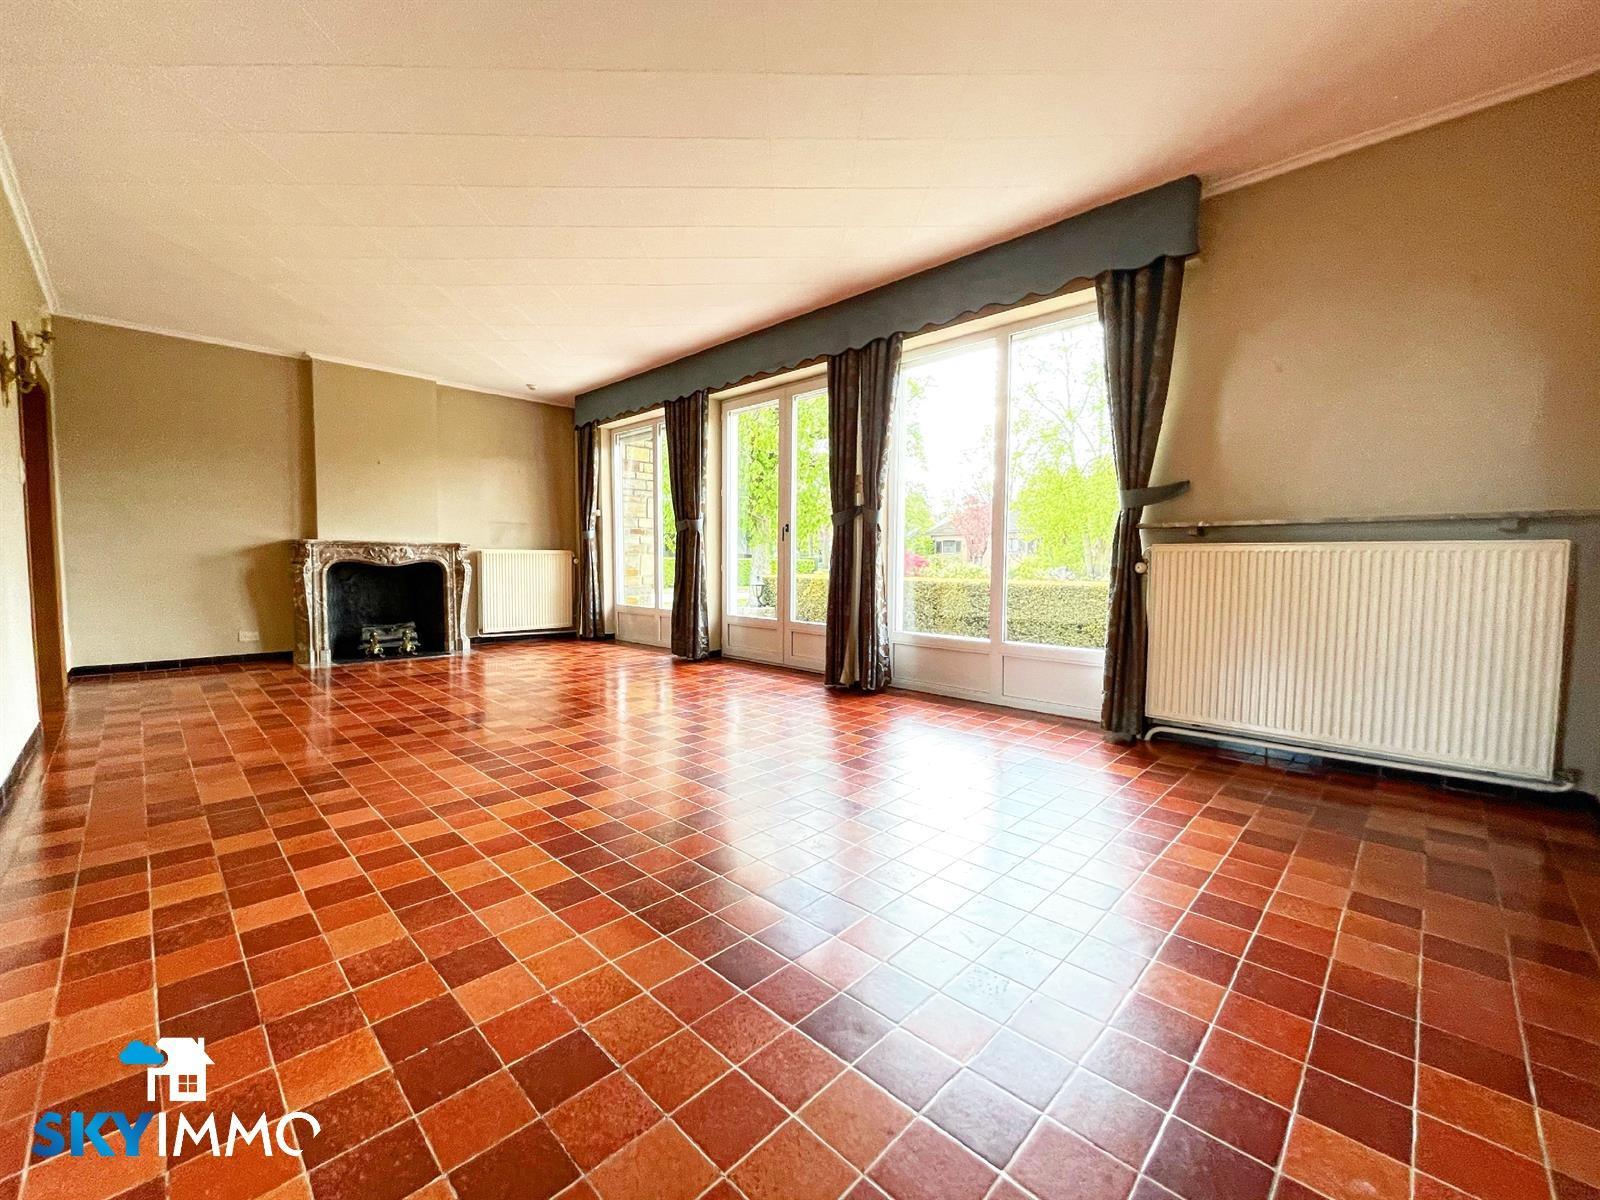 Huis - Liege - #4401919-6